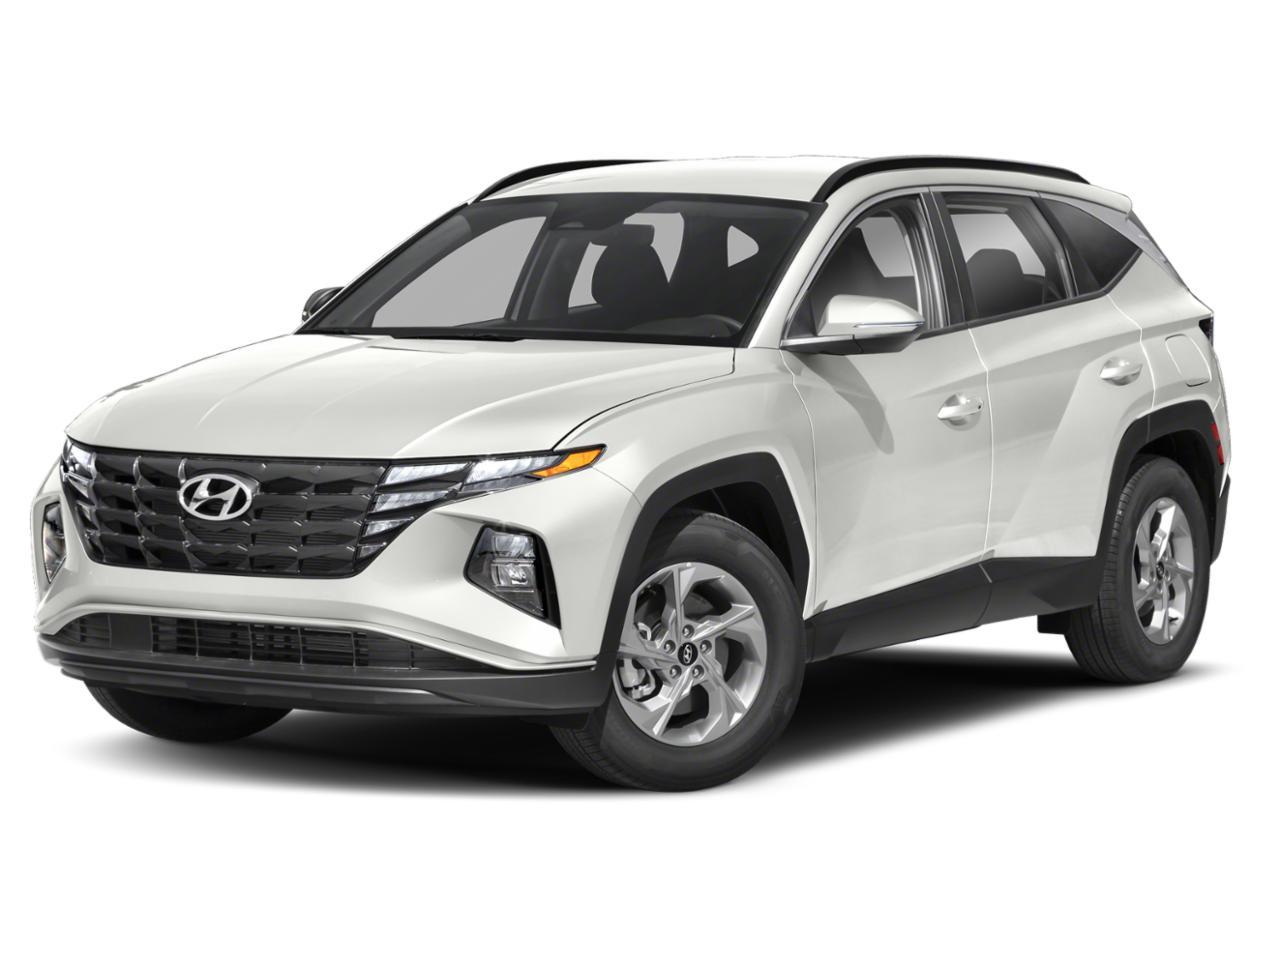 2022 Hyundai Tucson Vehicle Photo in O'Fallon, IL 62269